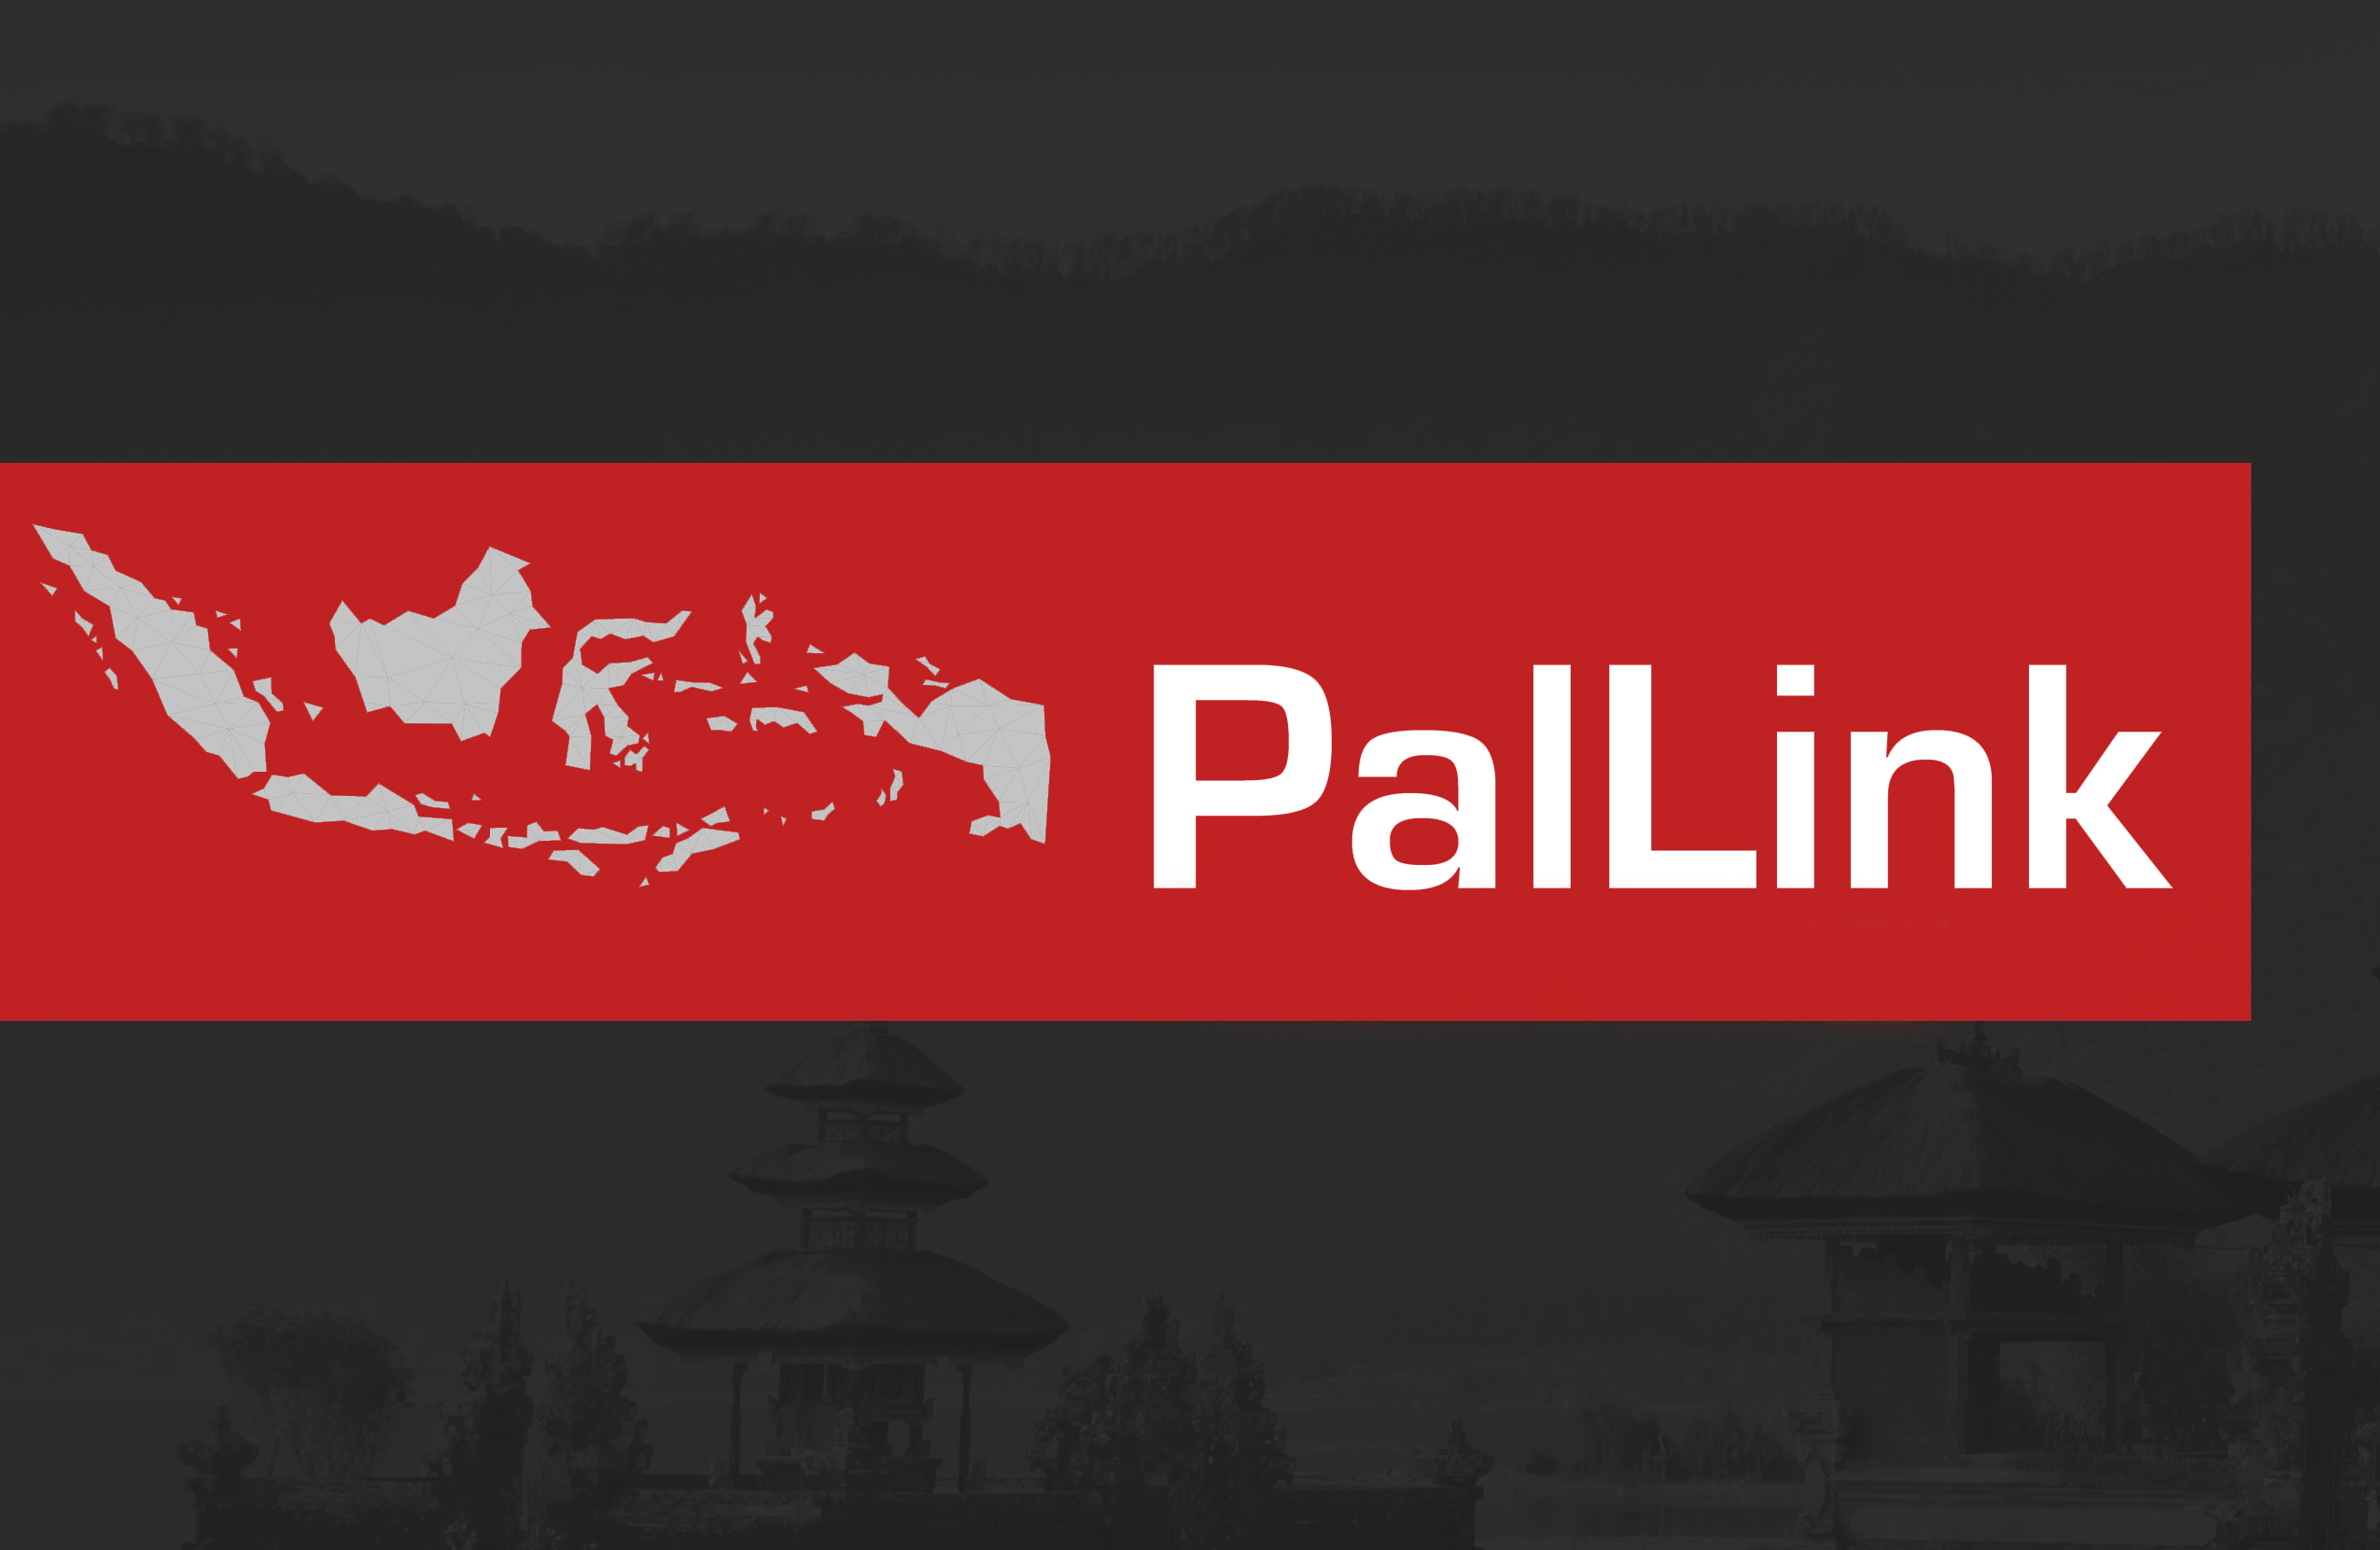 Pallink